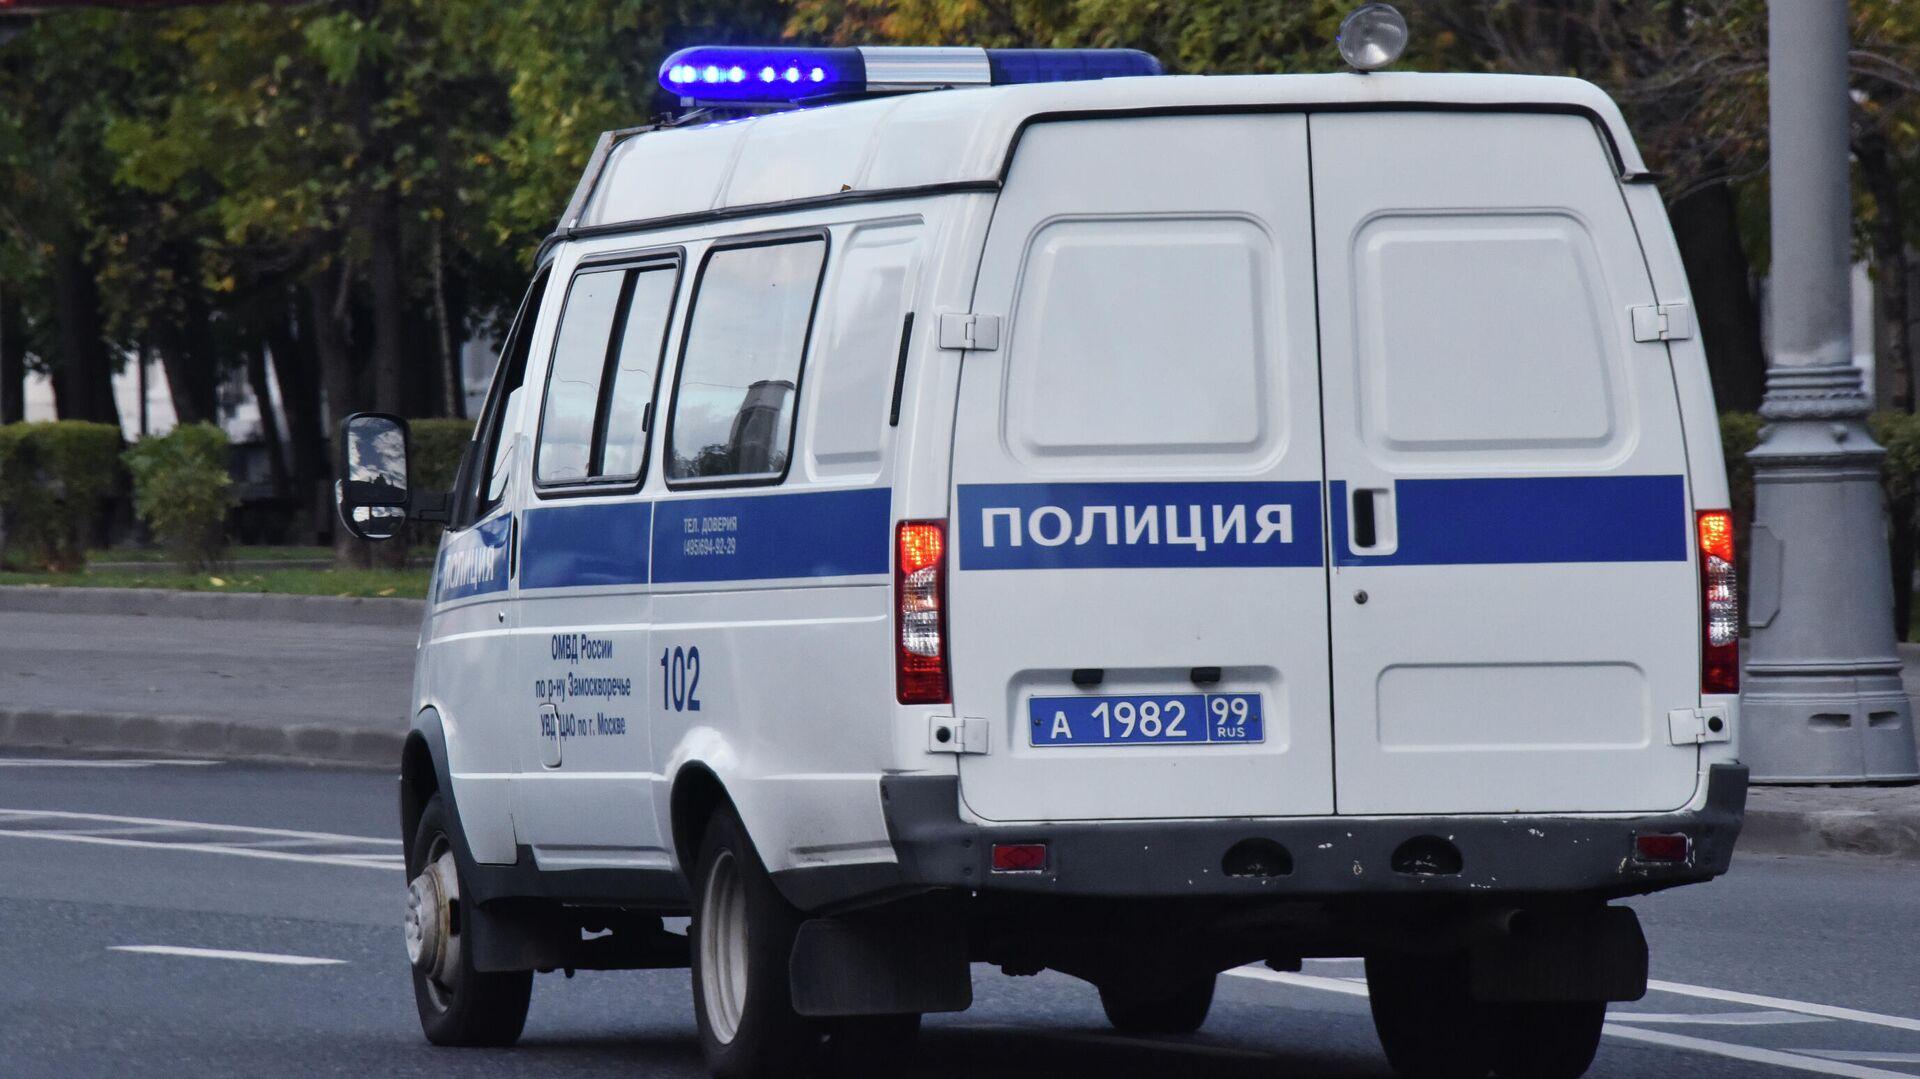 Автомобиль полиции едет по дороге - РИА Новости, 1920, 27.11.2020